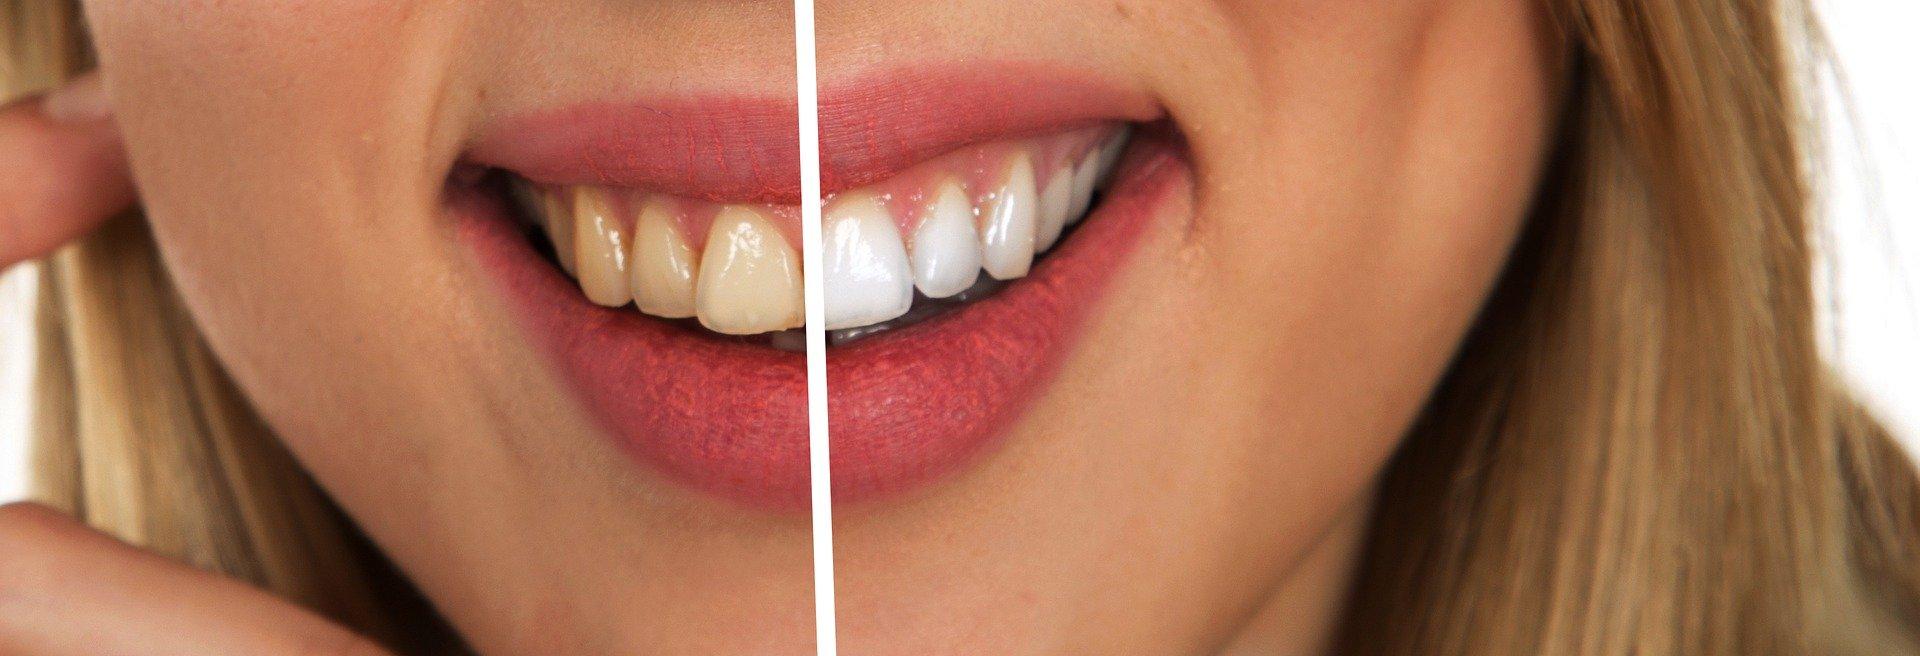 Procedimentos odontológicos